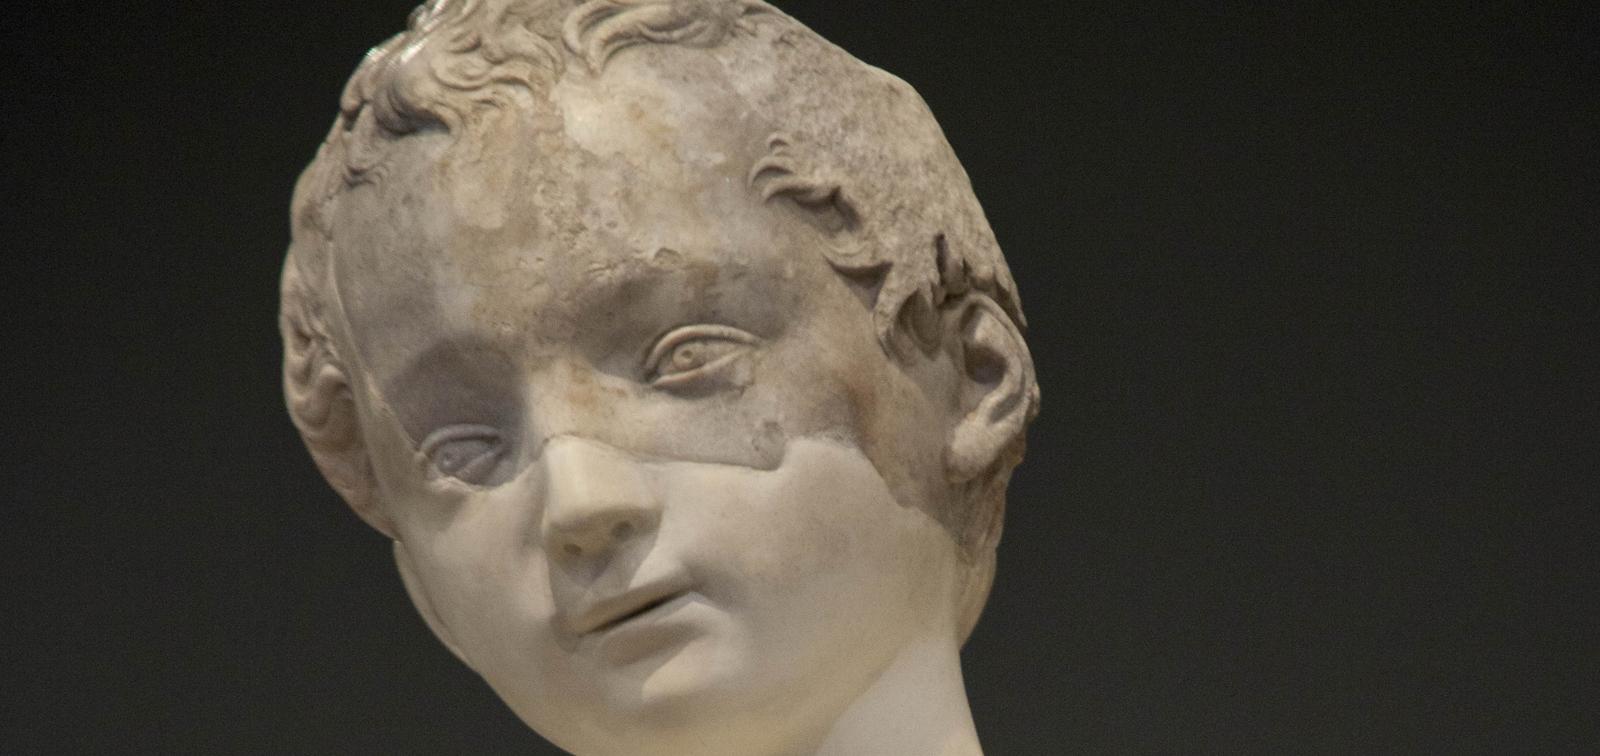 La obra invitada: El San Juanito recuperado. Una escultura de Miguel Ángel en España